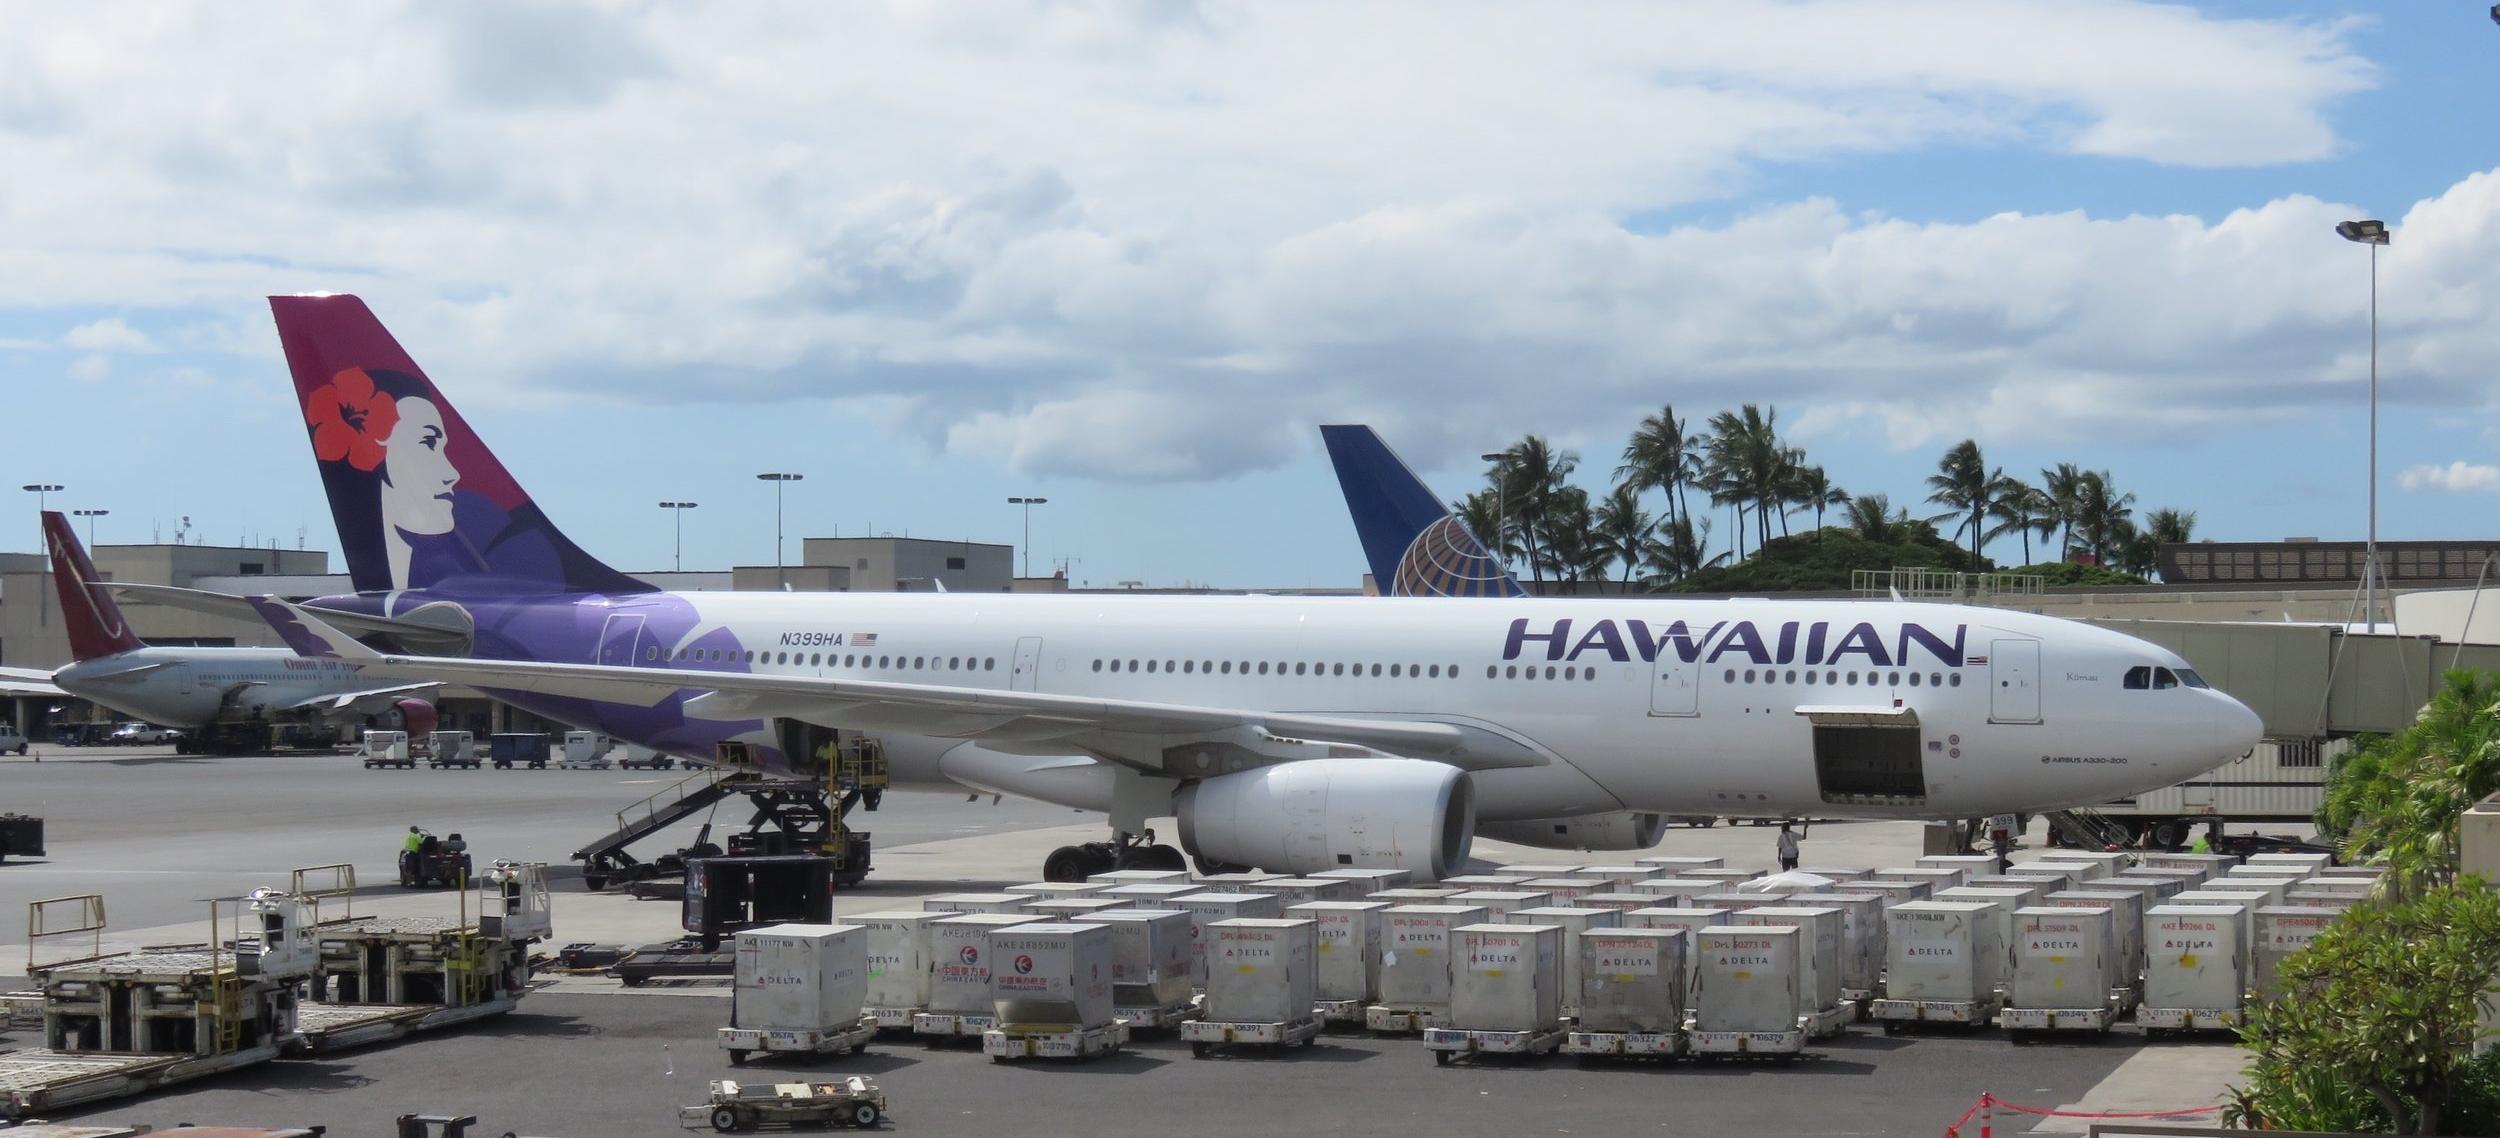 Hawaiian Air A330 at Honolulu